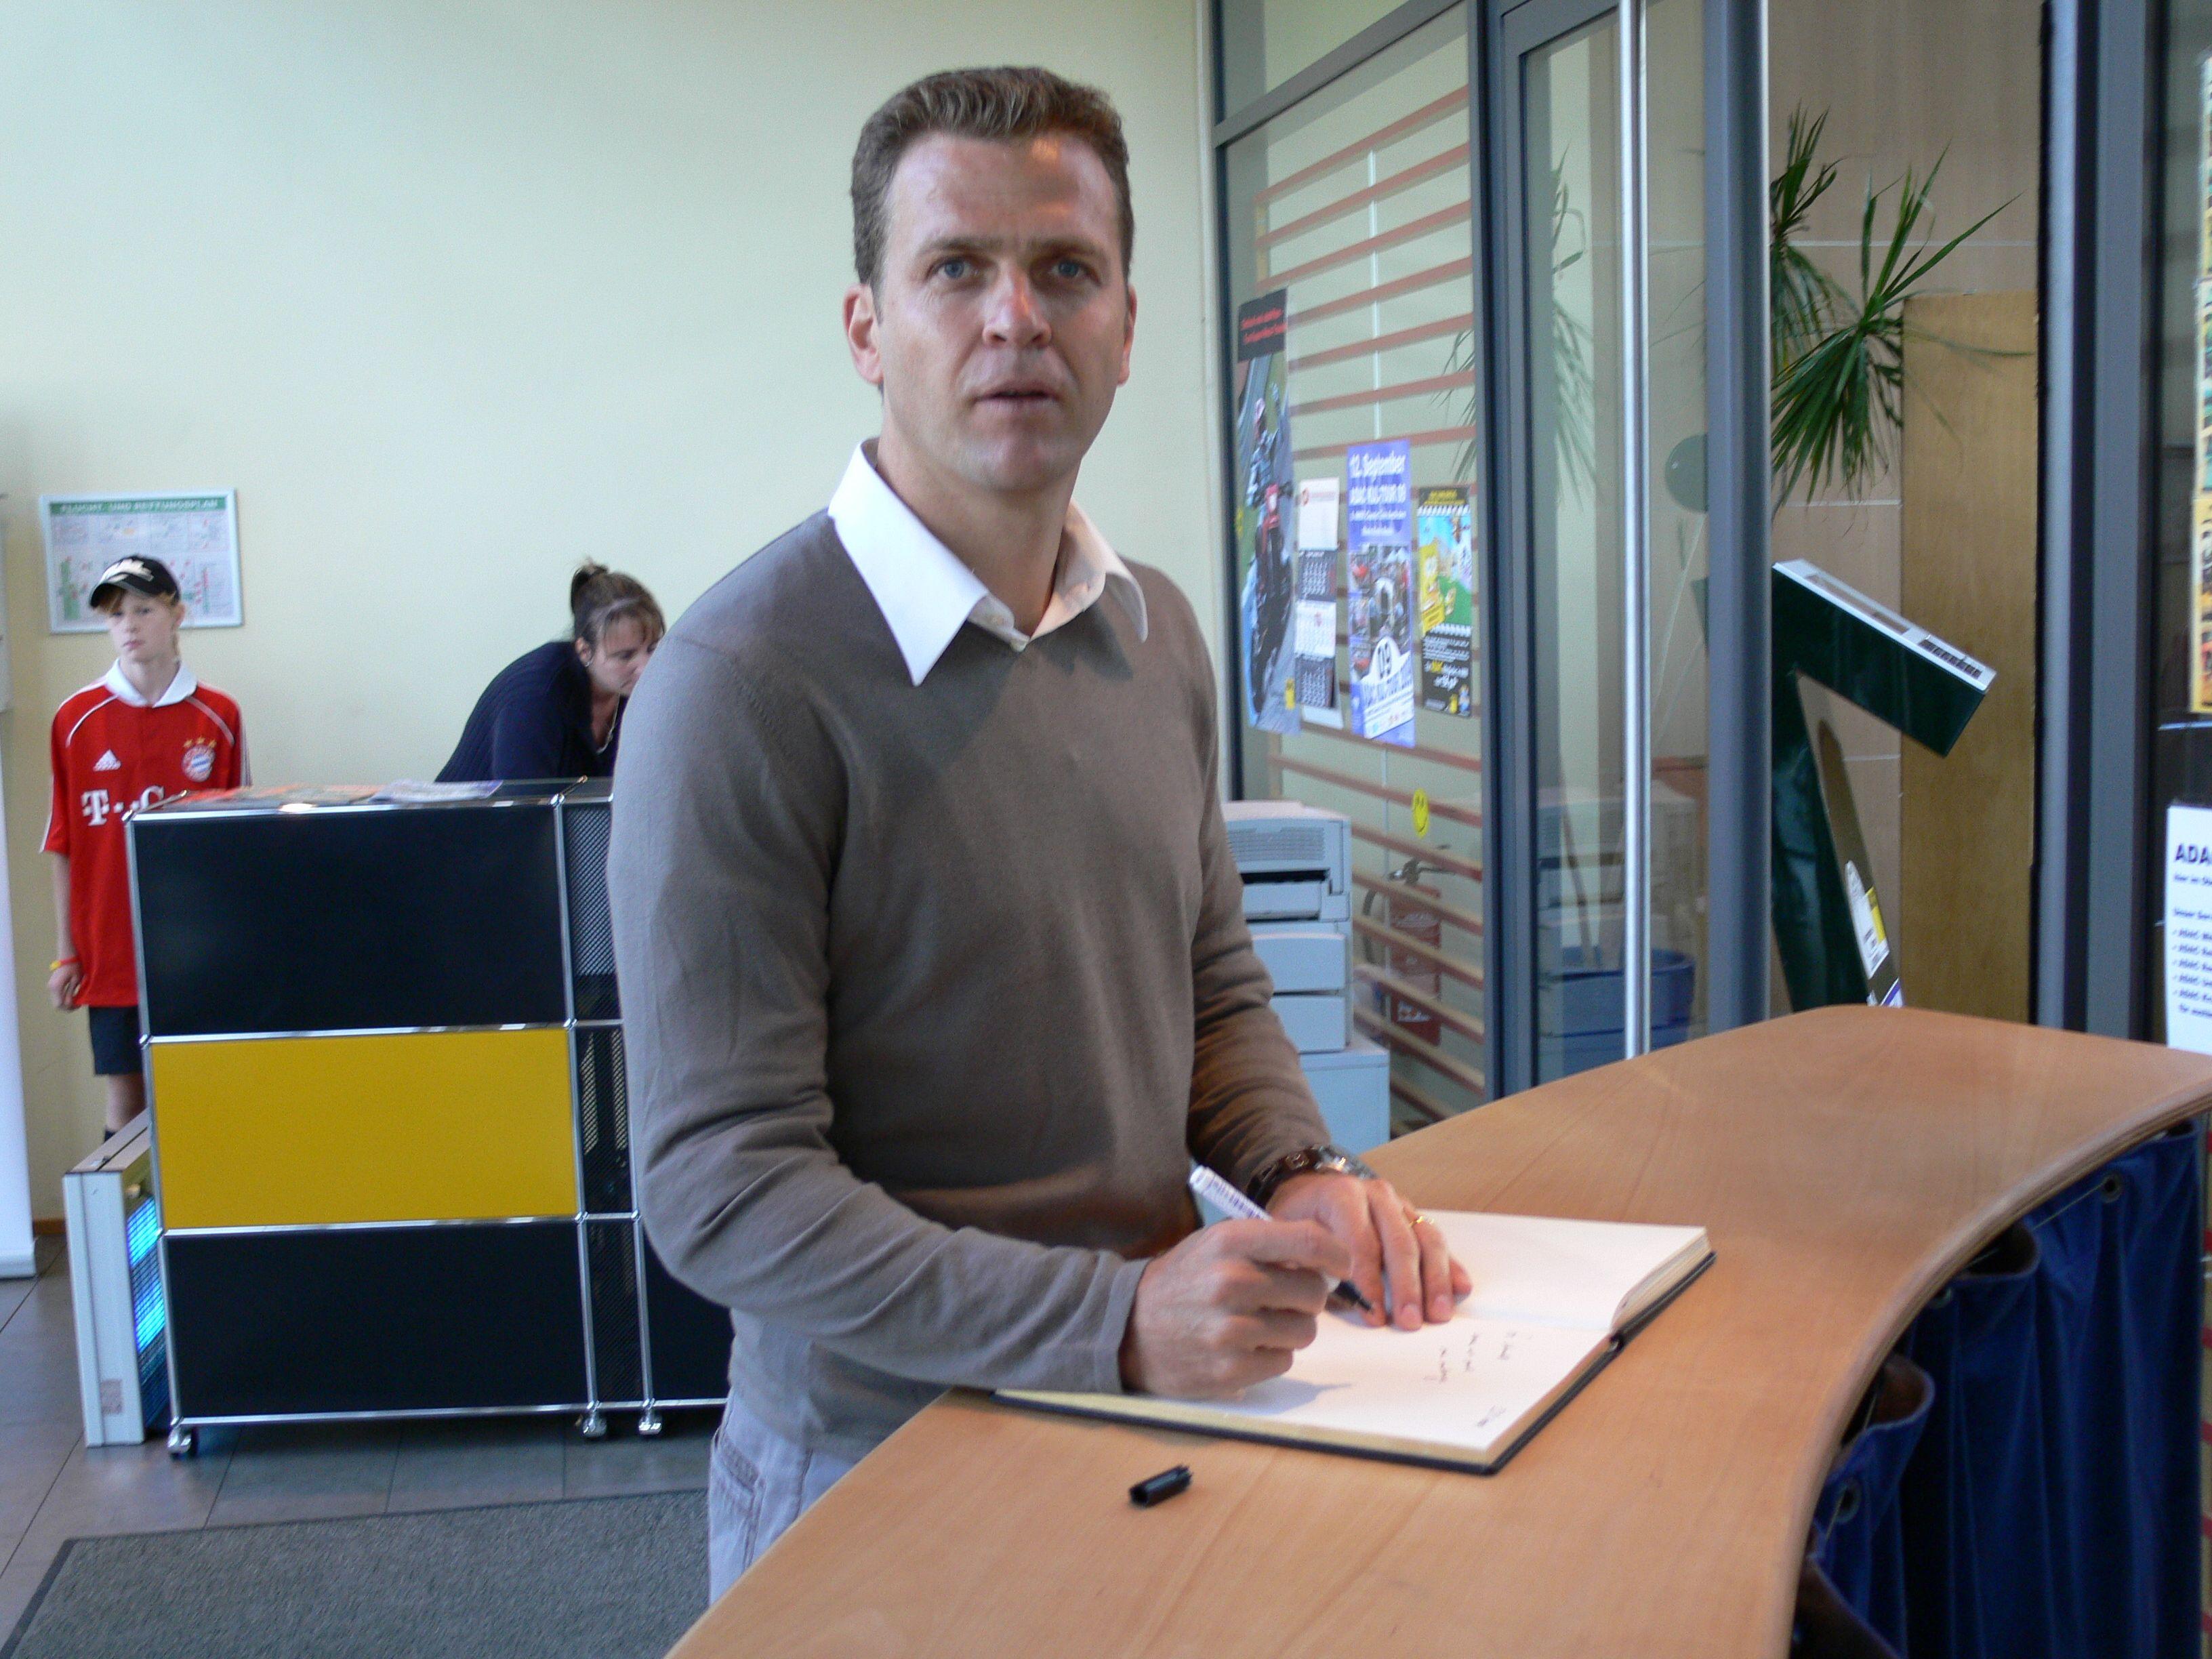 Oliver Bierhoff Ehem Nationalspieler Und Jetziger Teammanager Der Dt Fussball Nationalmannsc Fahrsicherheitstraining Fahrtraining Fussball Nationalmannschaft